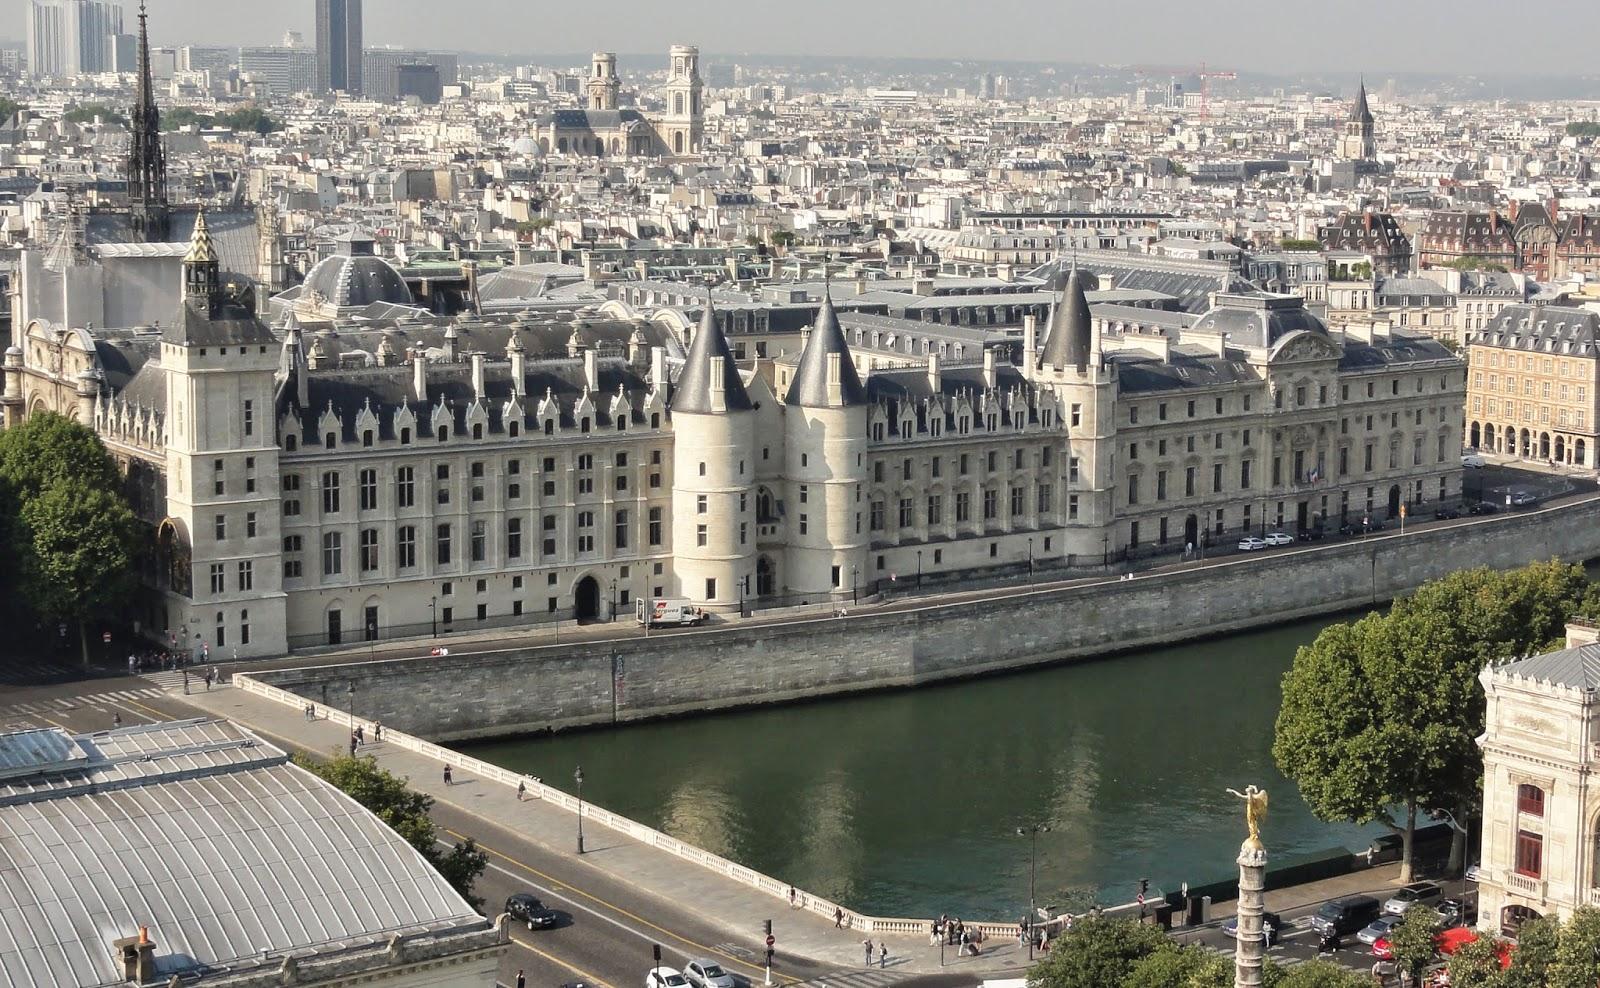 Palais de la cit paris historic walks for Les photos de paris